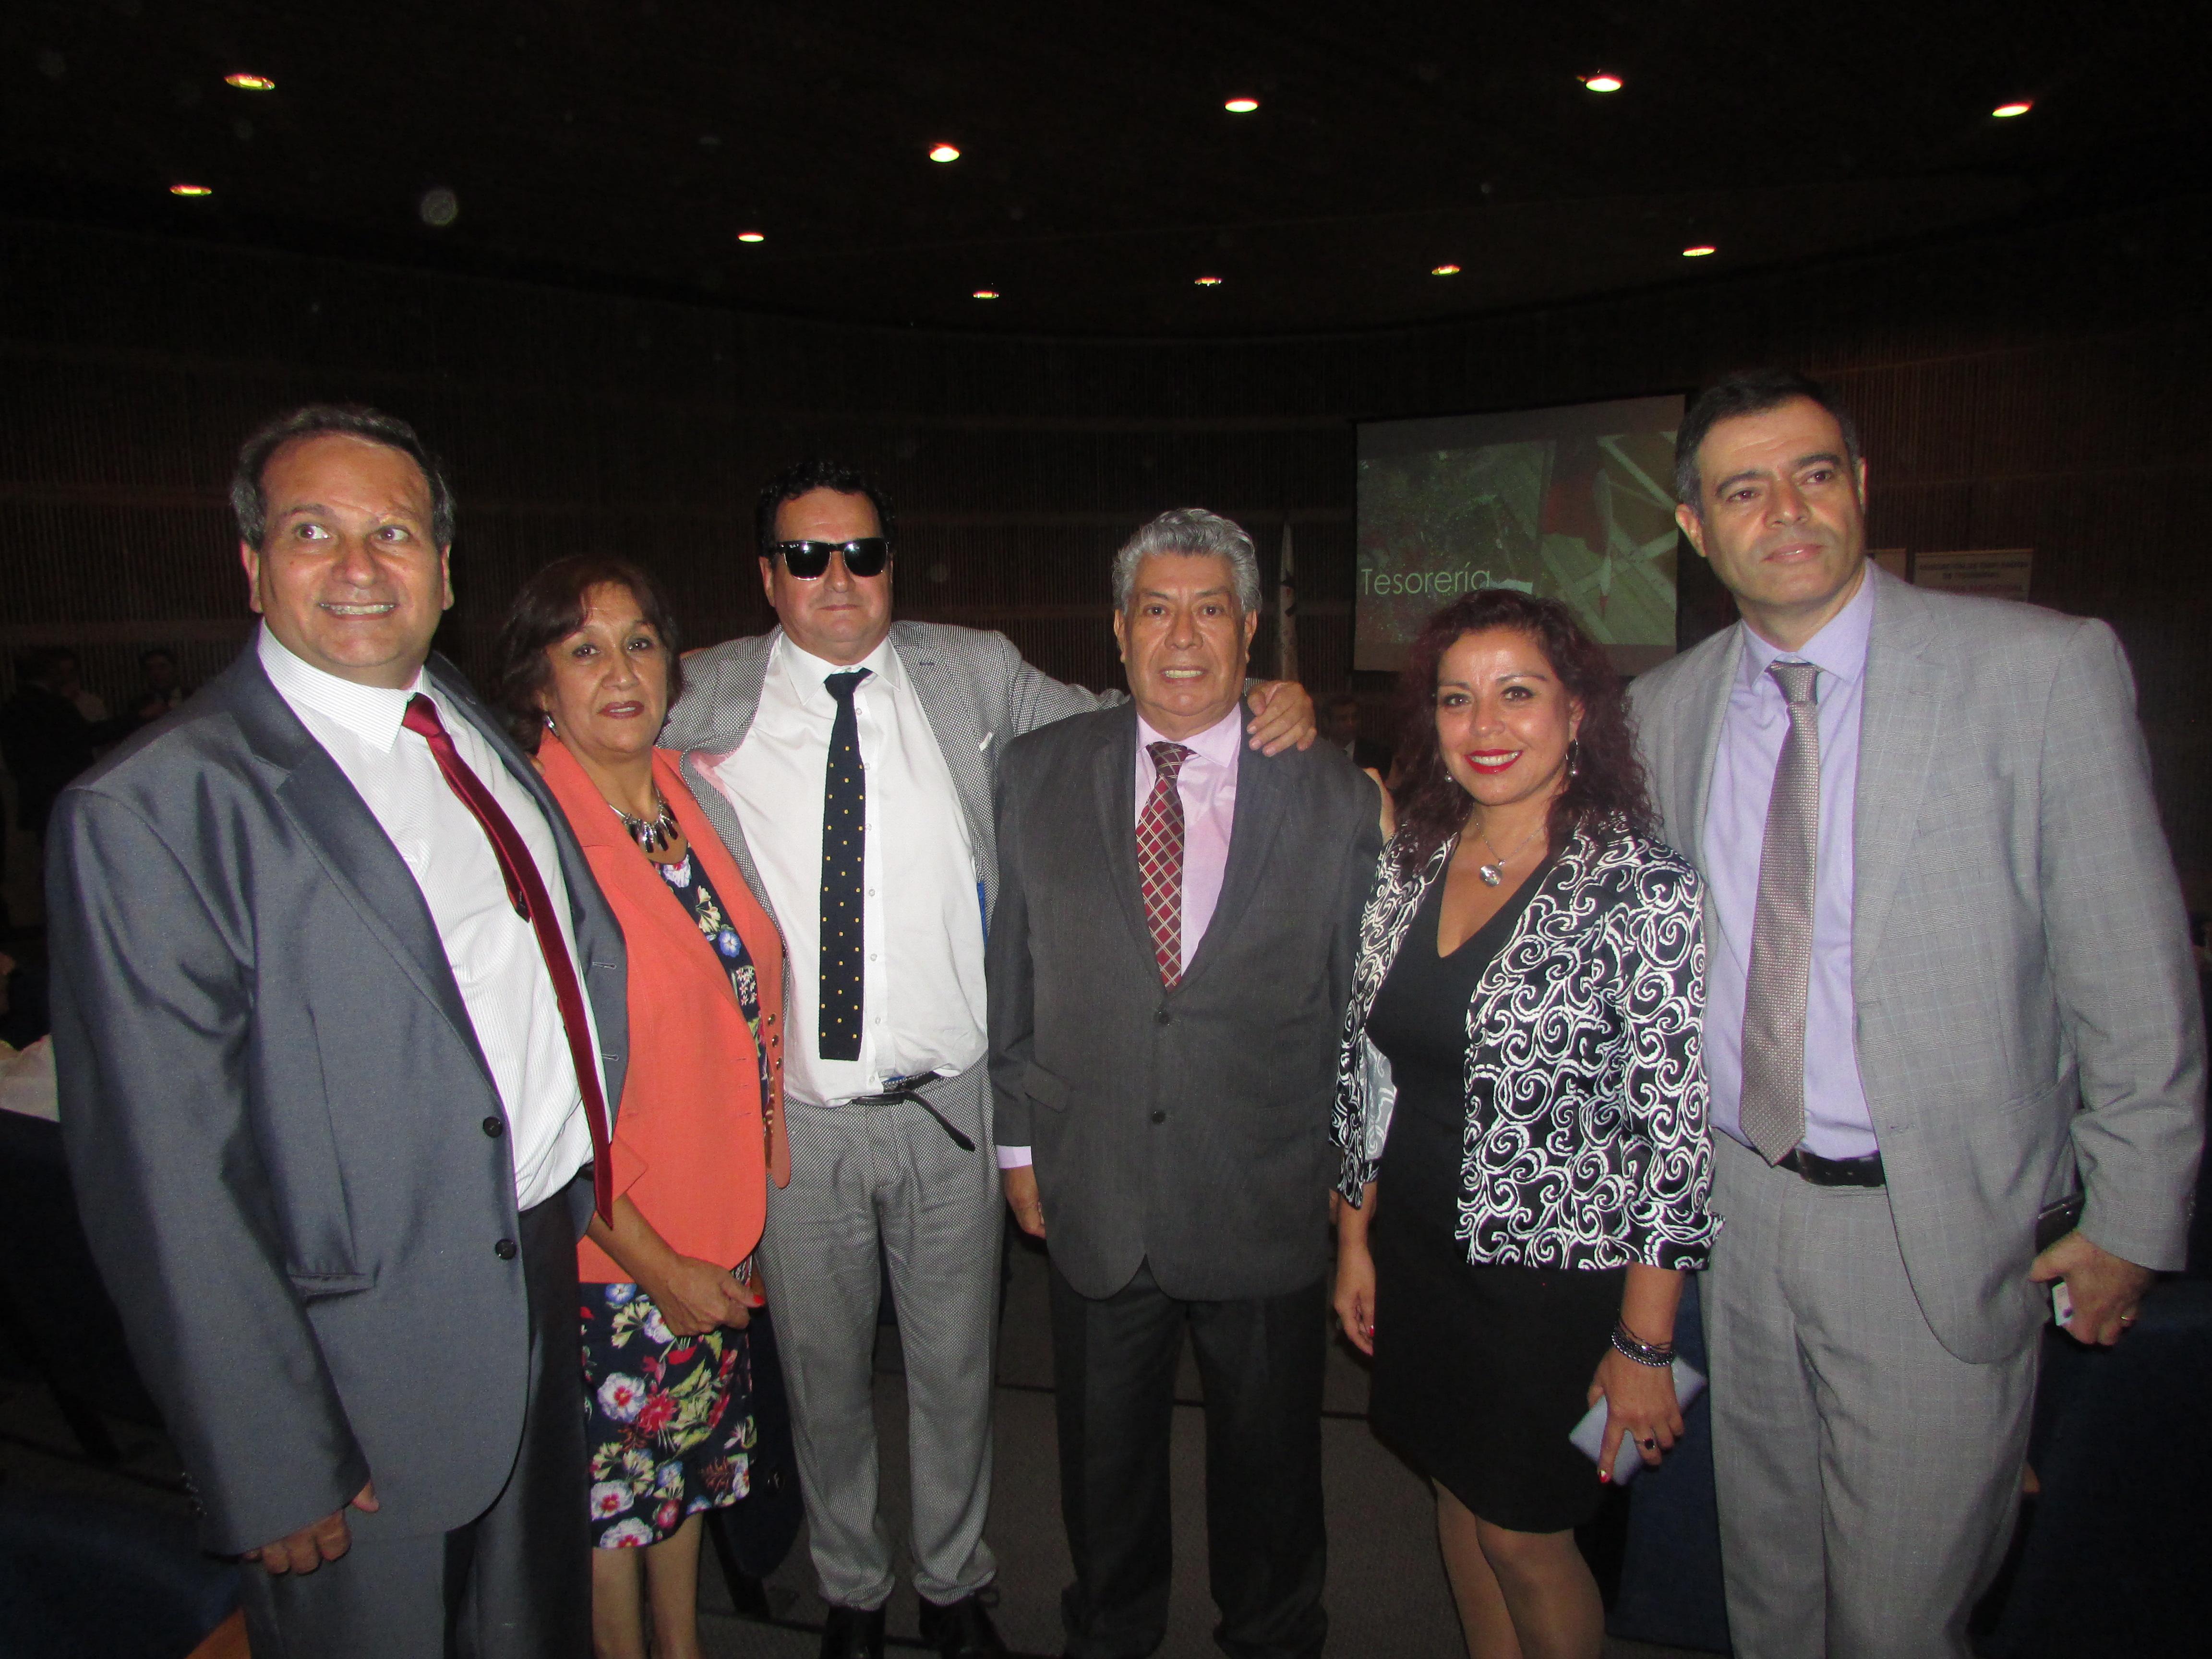 AET participa en Acto de Reconocimiento a Funcionarios/as Jubilados TGR – 07 Marzo 2018